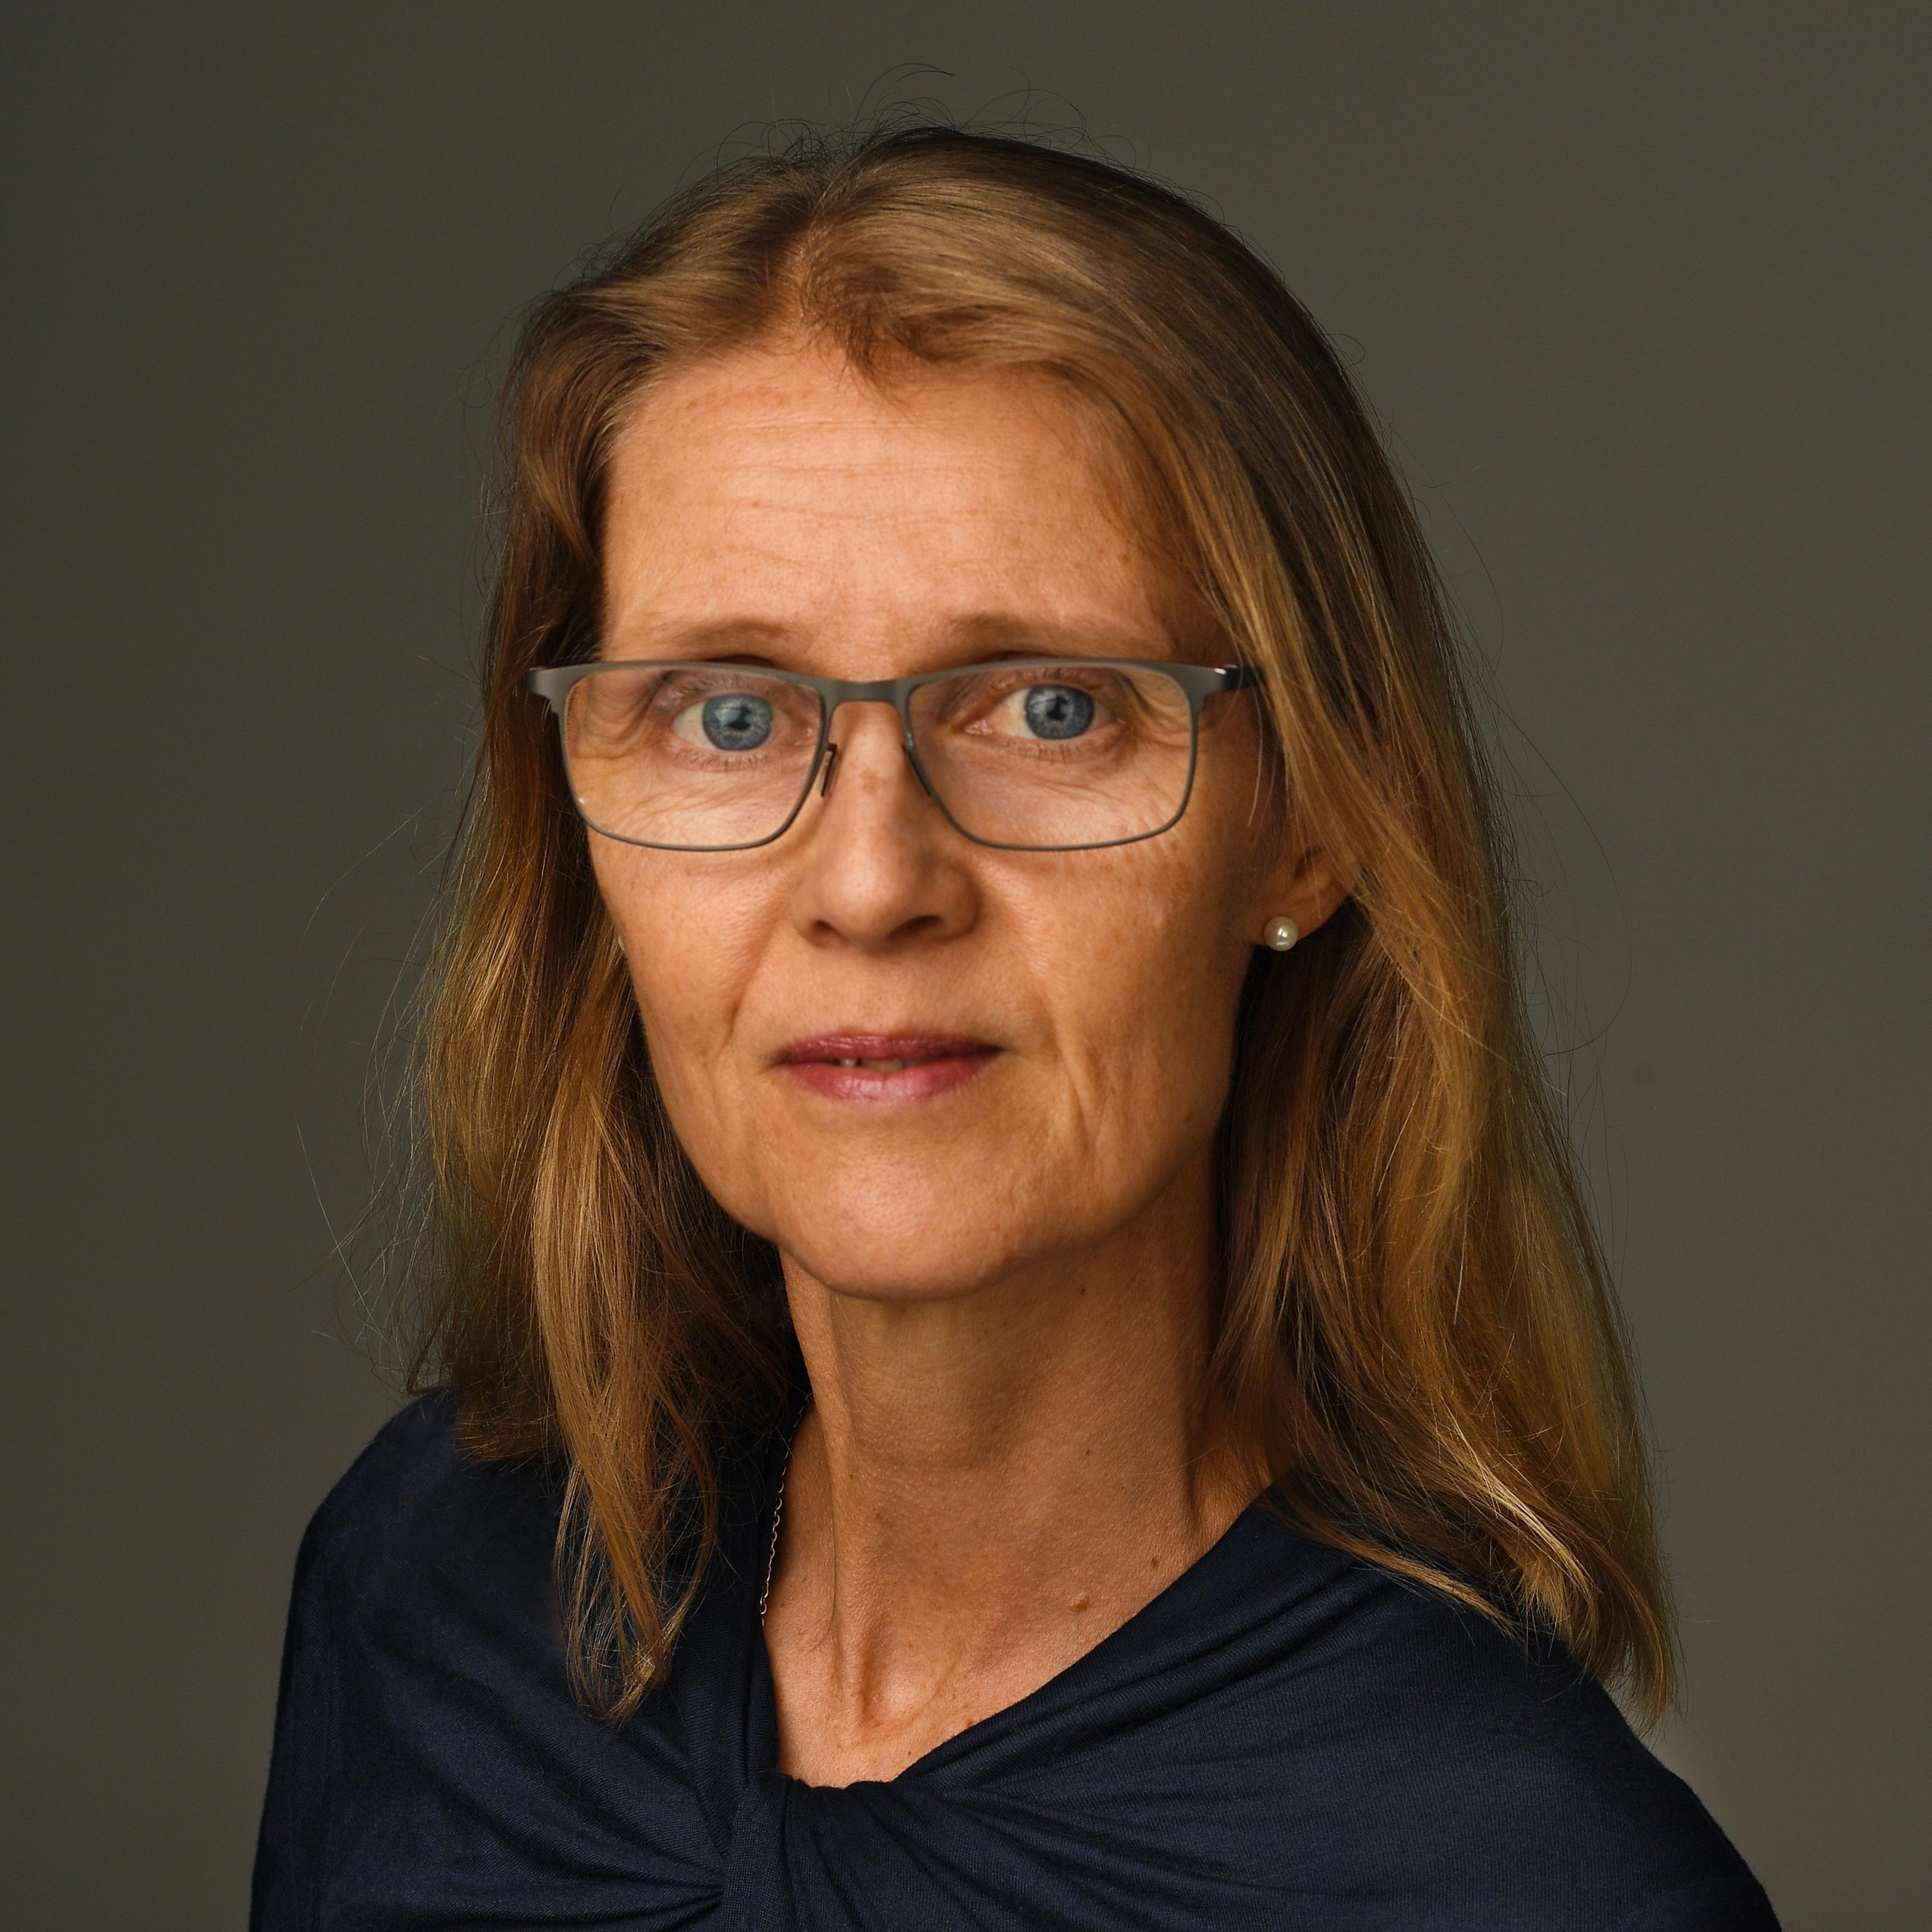 Aud Elisabeth Witsø